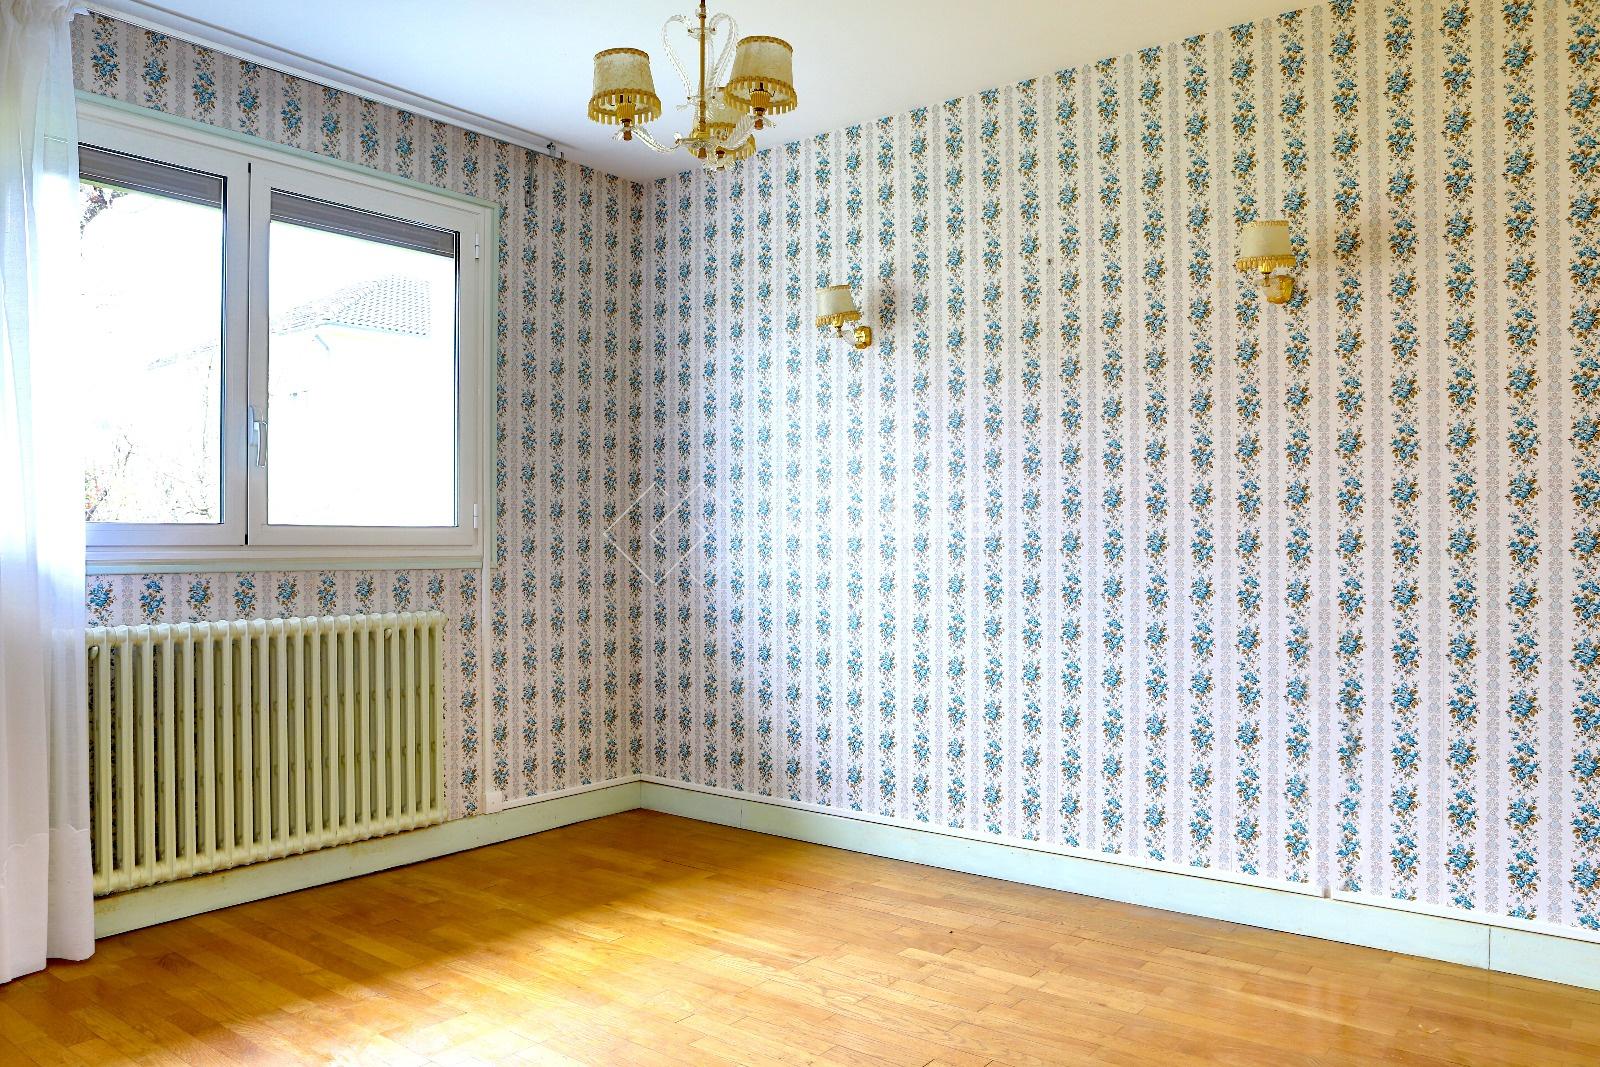 Garage Feytiat tout vente maison à feytiat 6 pièces 125m² 149 500€ sur le partenaire